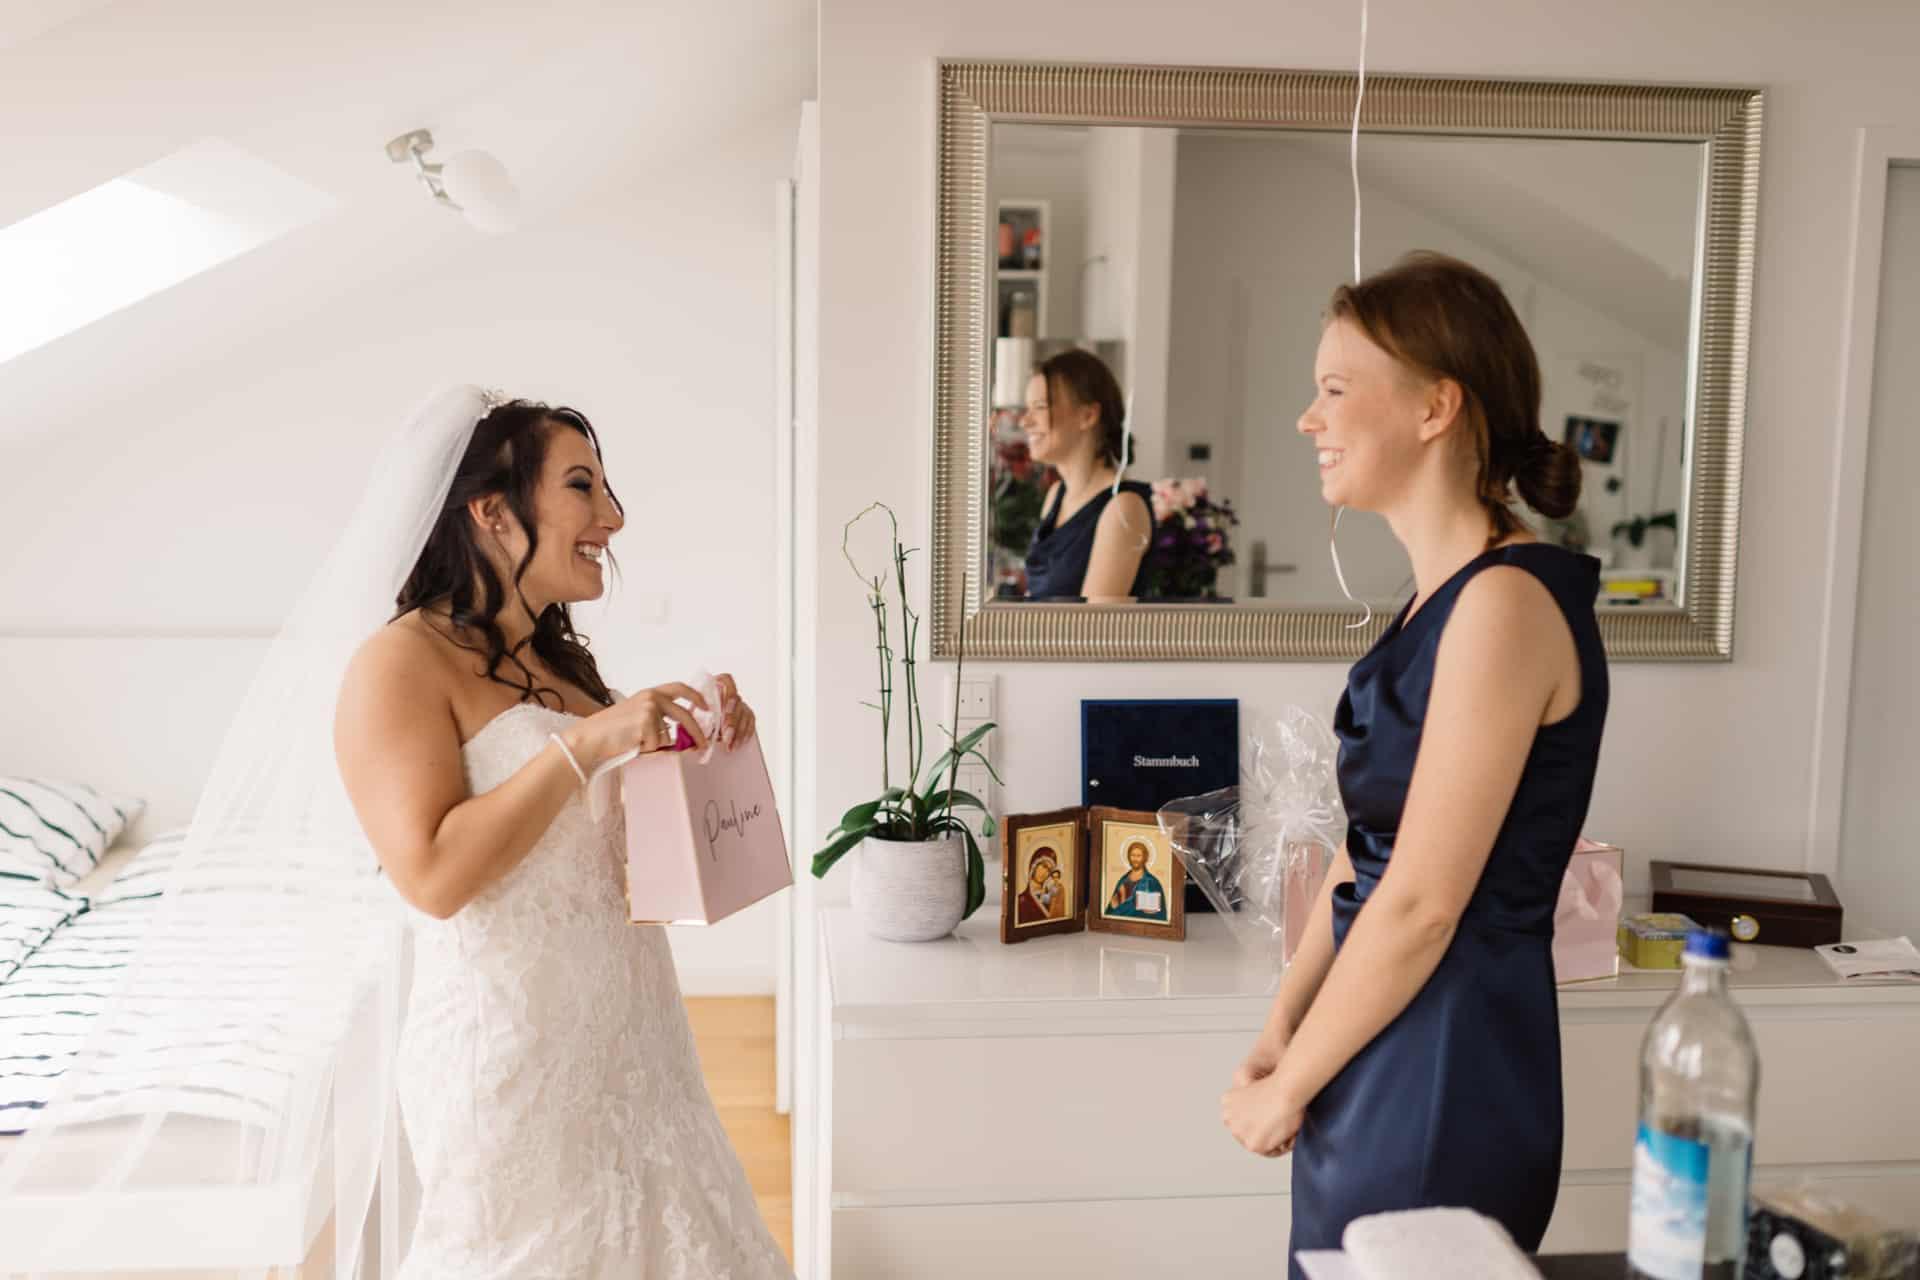 Die Braut schenkt der Brautjungfer ein Geschenk.